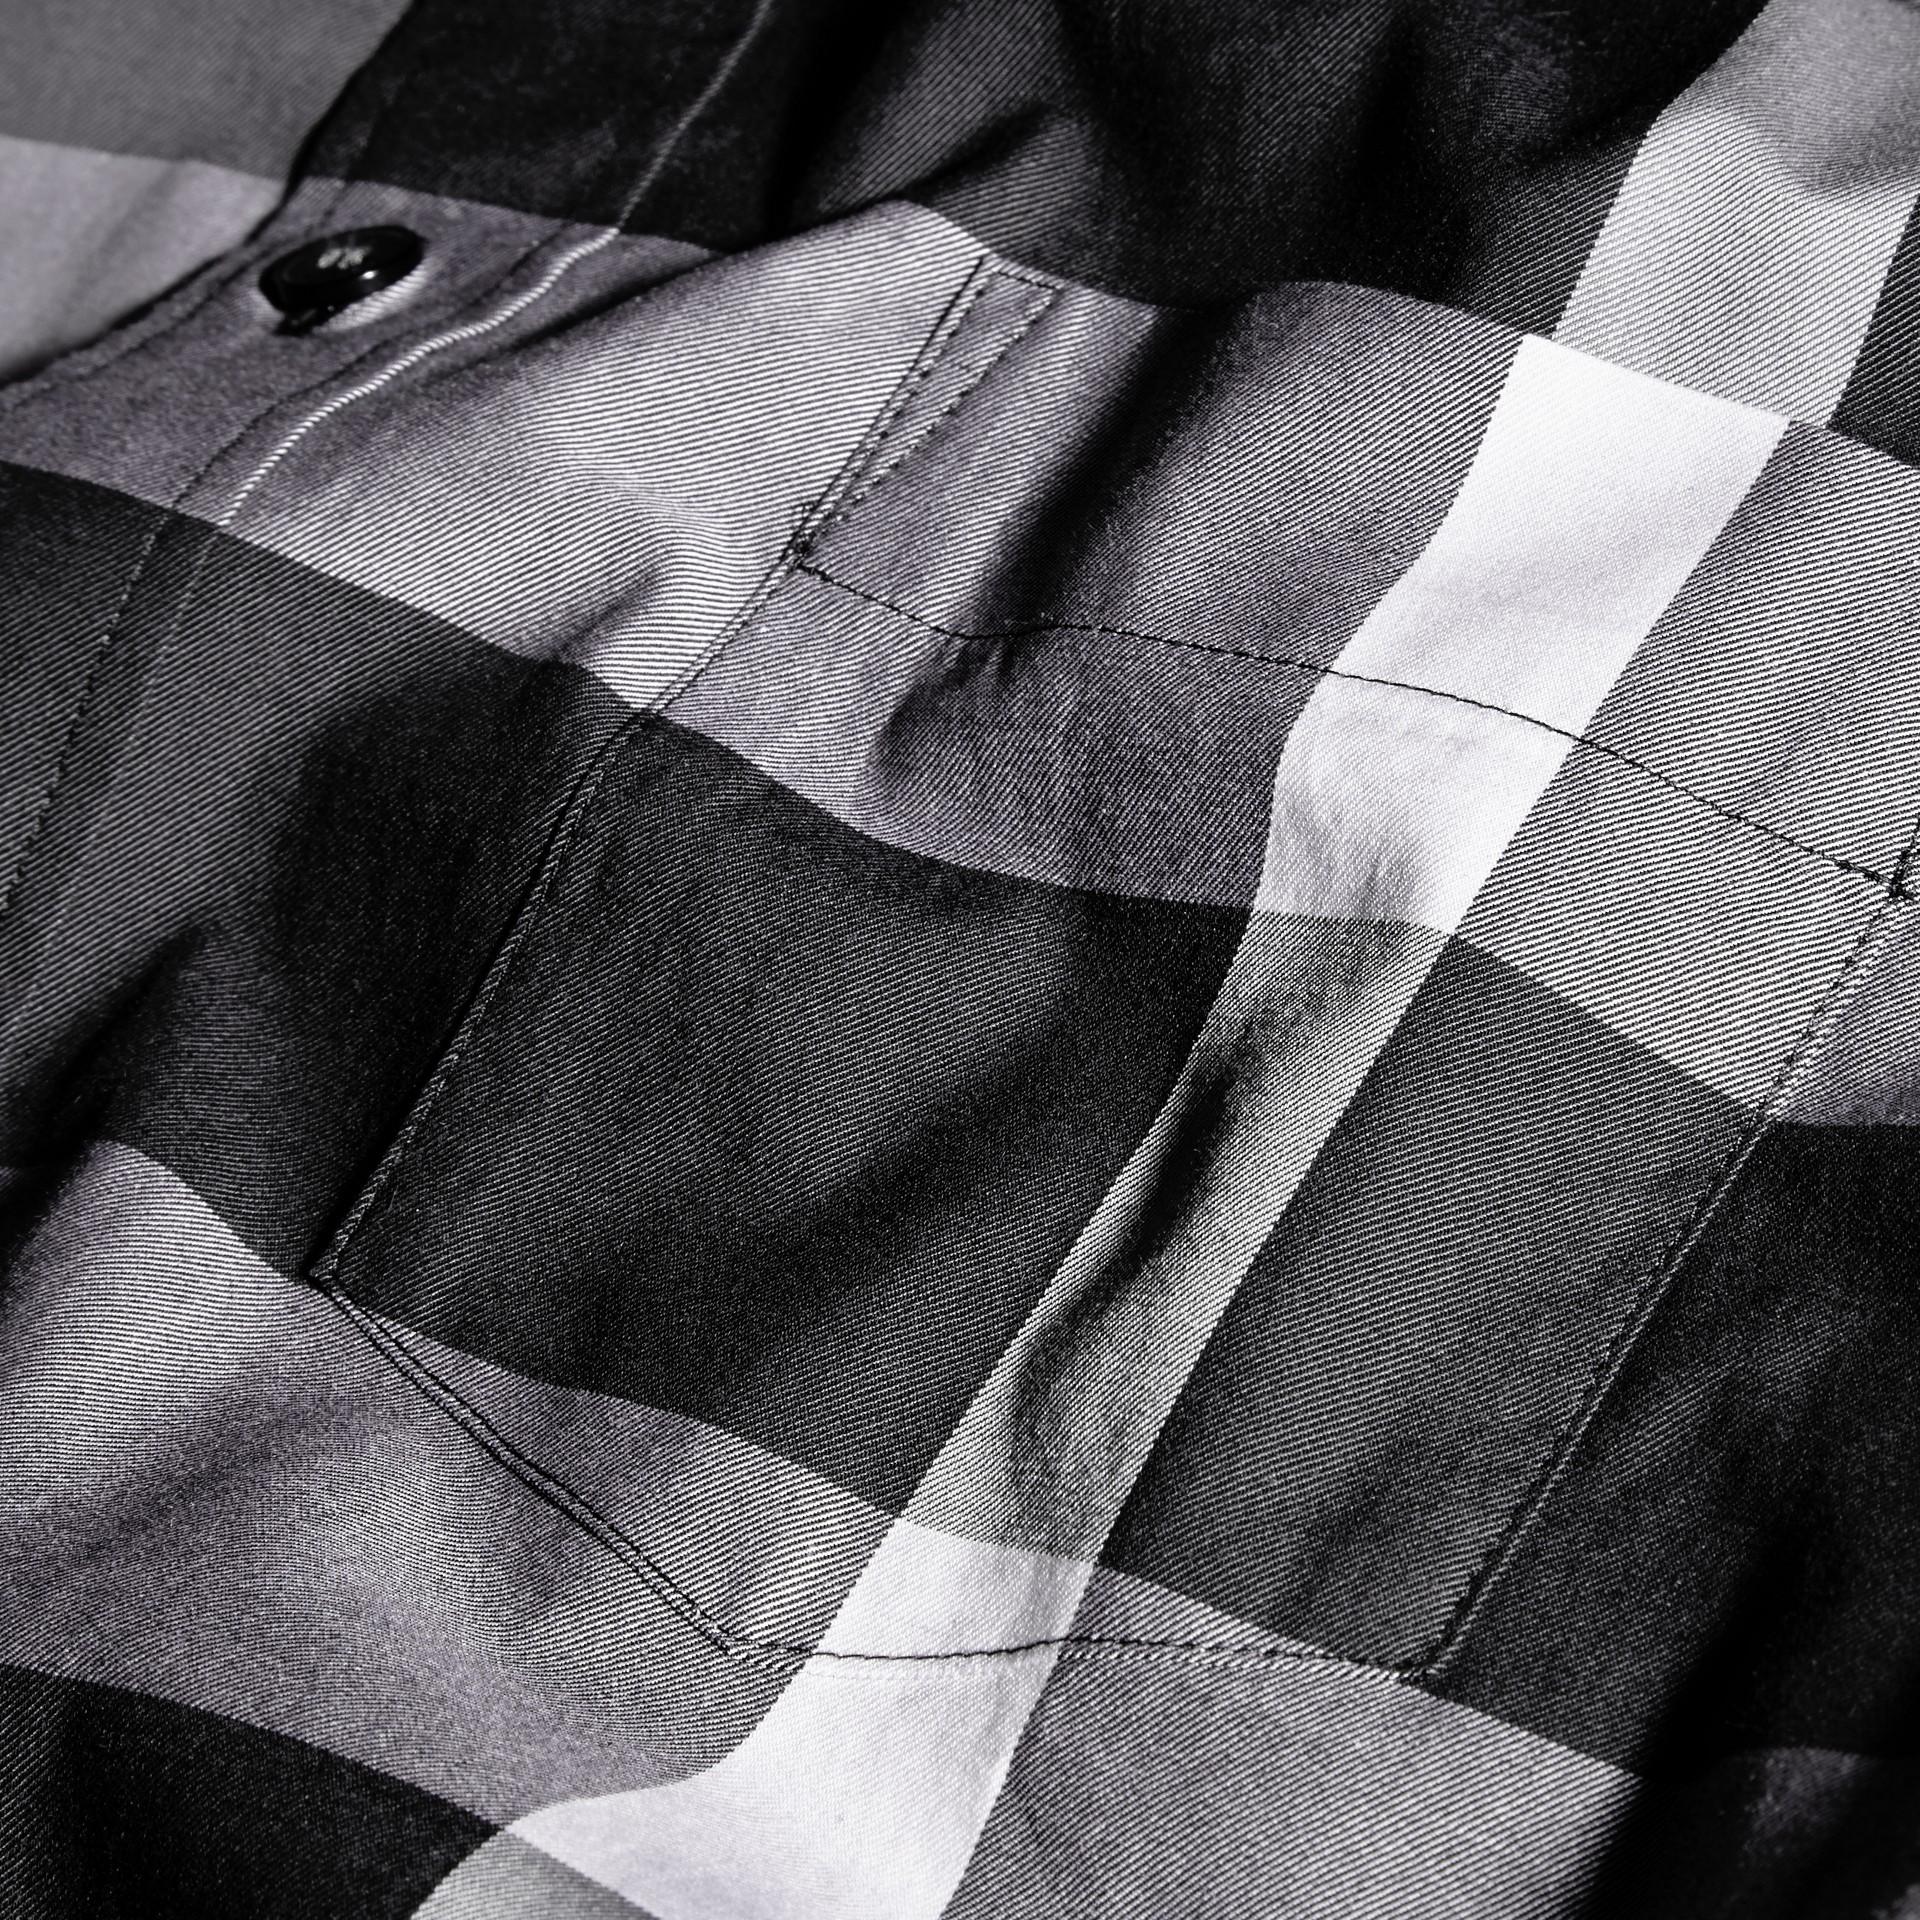 Nero Camicia in cotone con motivo check Nero - immagine della galleria 2